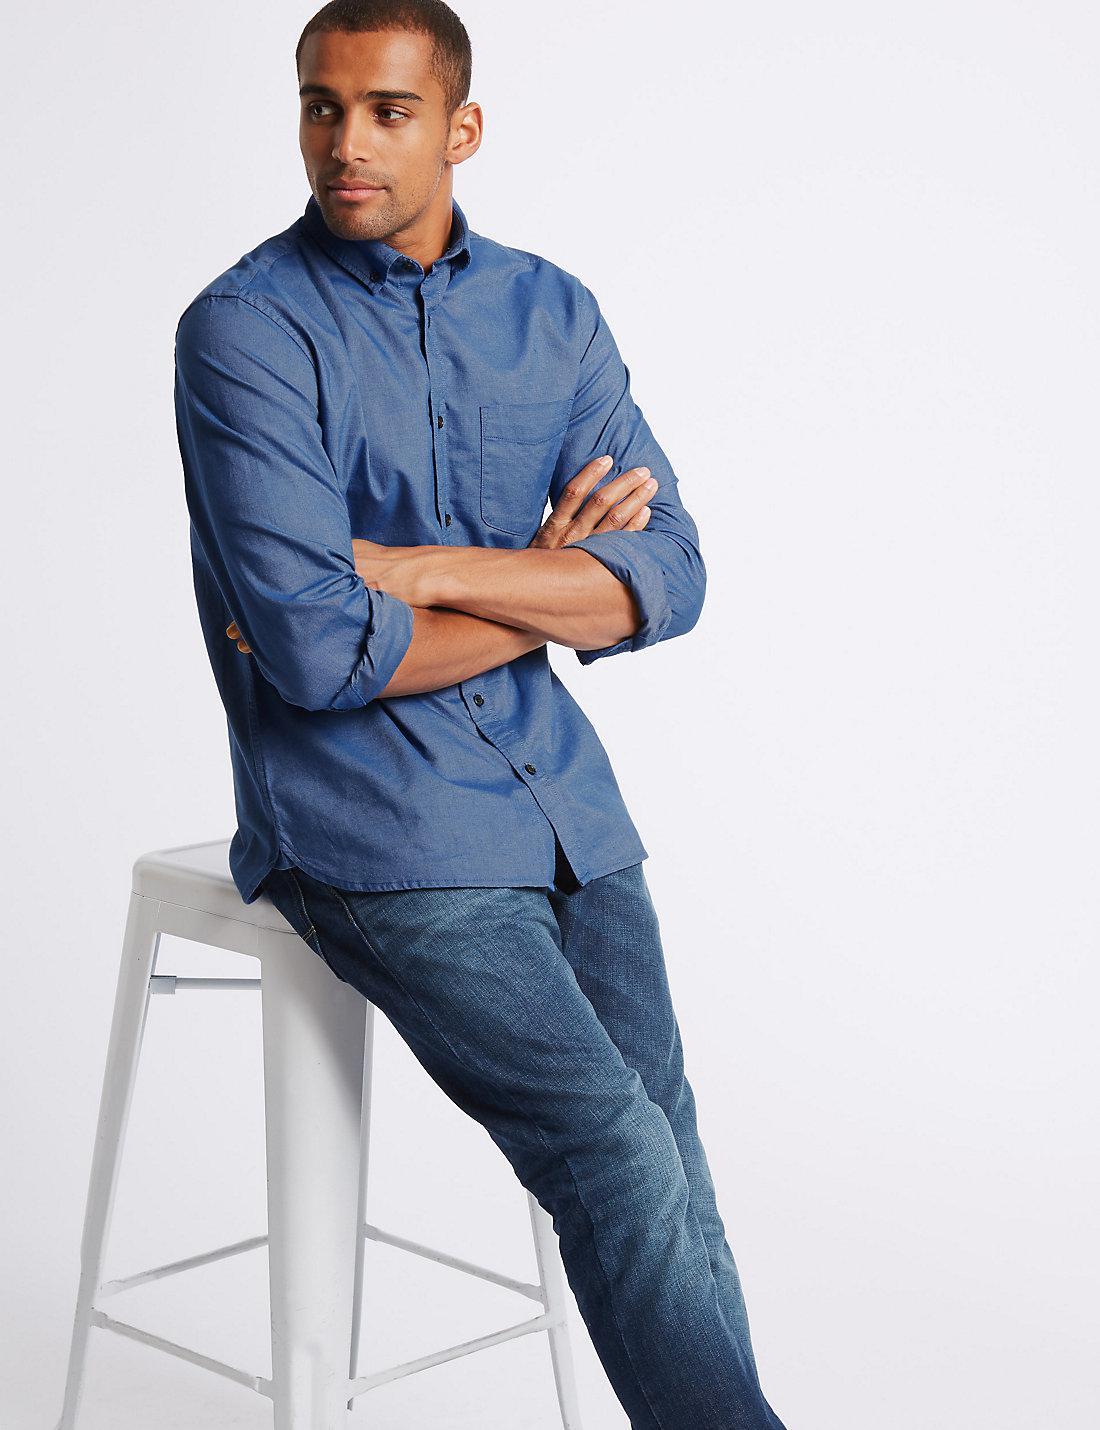 Lyst Marks Spencer Pure Cotton Oxford Shirt With Pocket In Blue Hanger Marksspencer Slim For Men